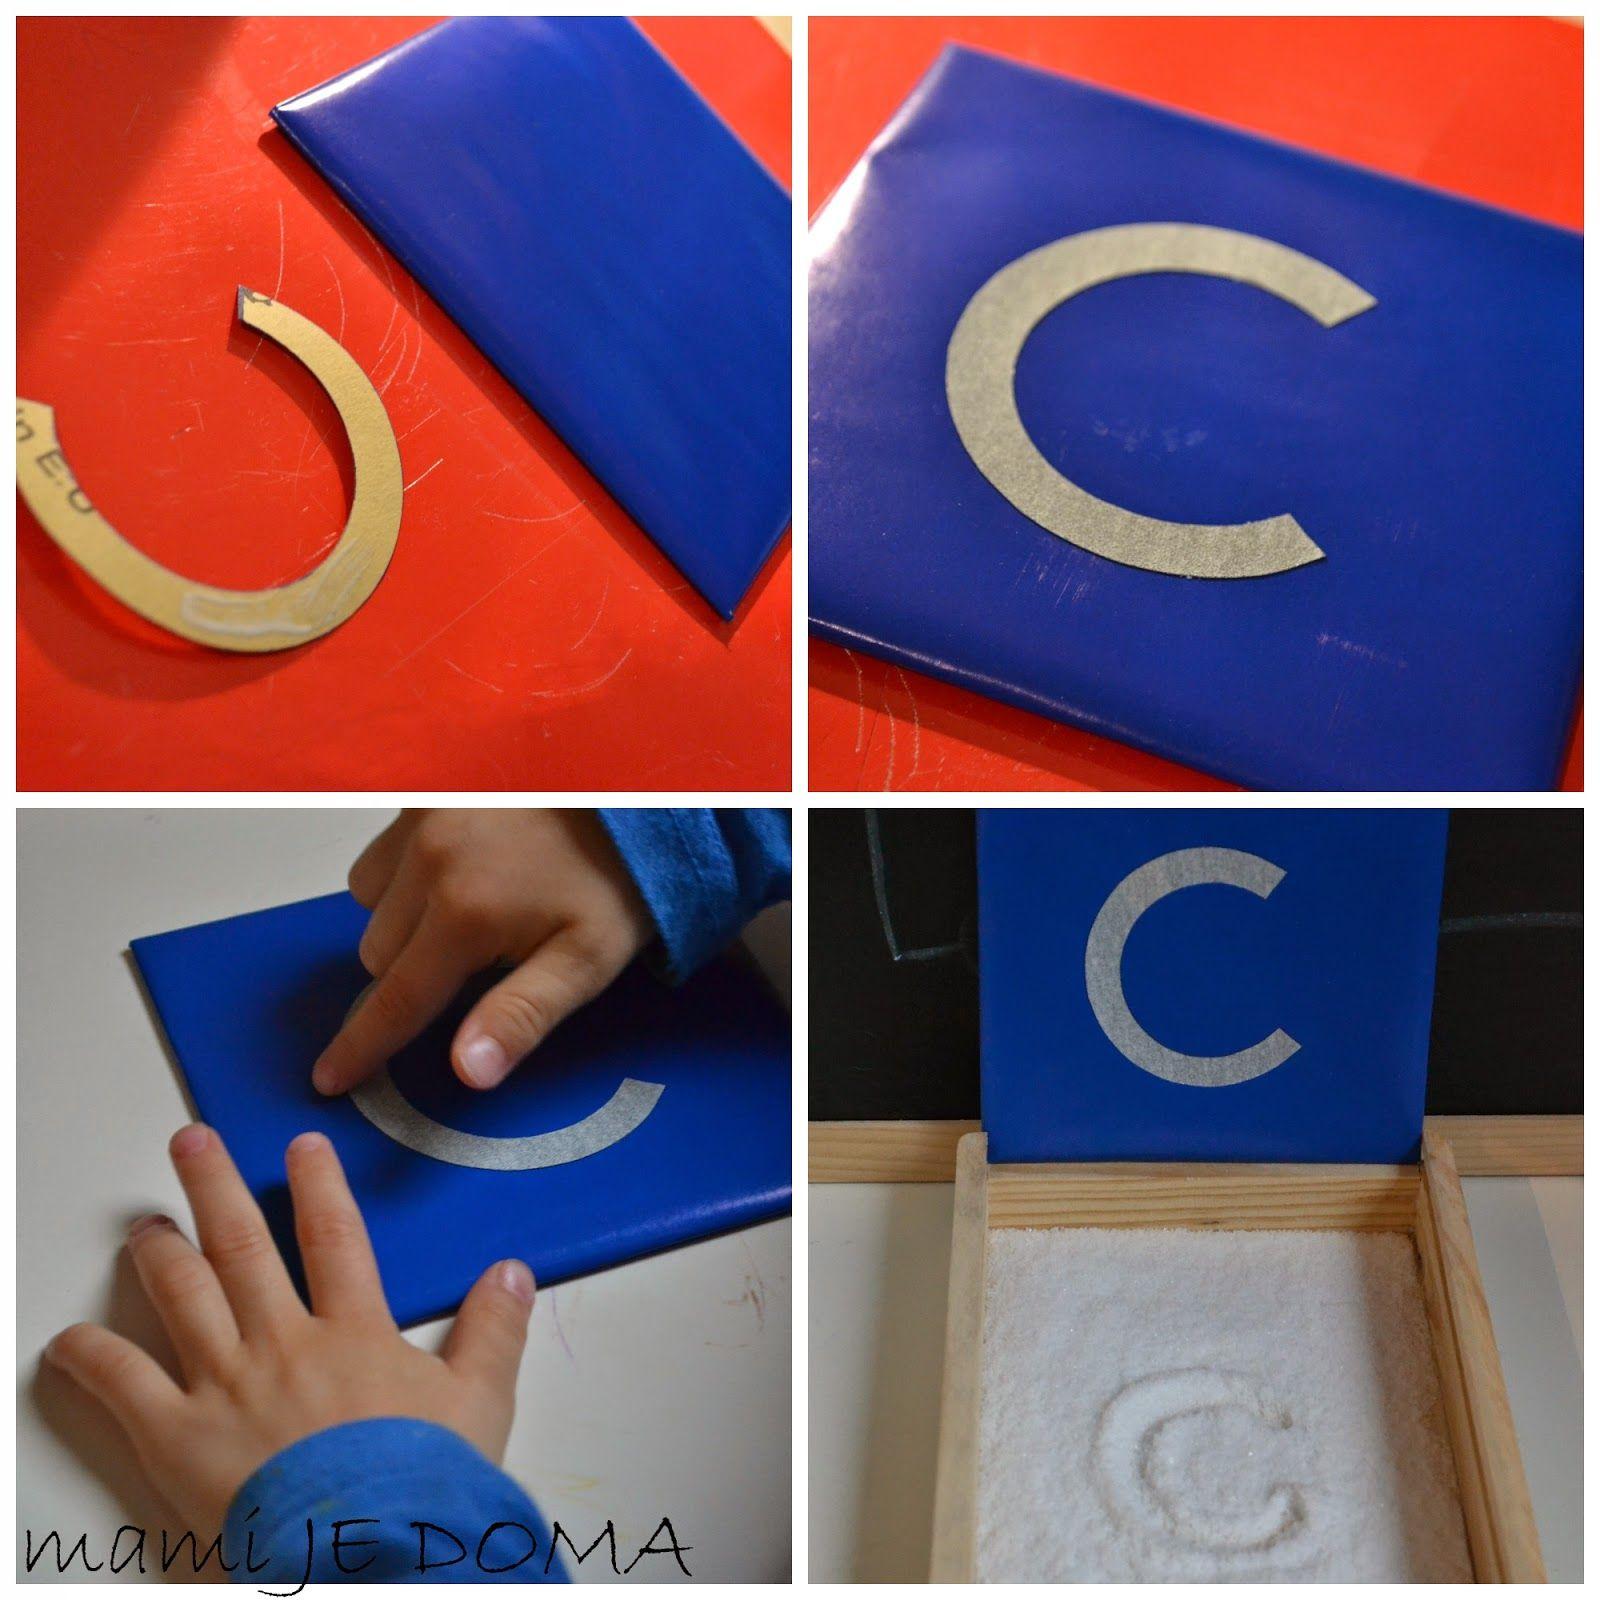 Mami je doma DIY Sandpaper letters / Peščene črke